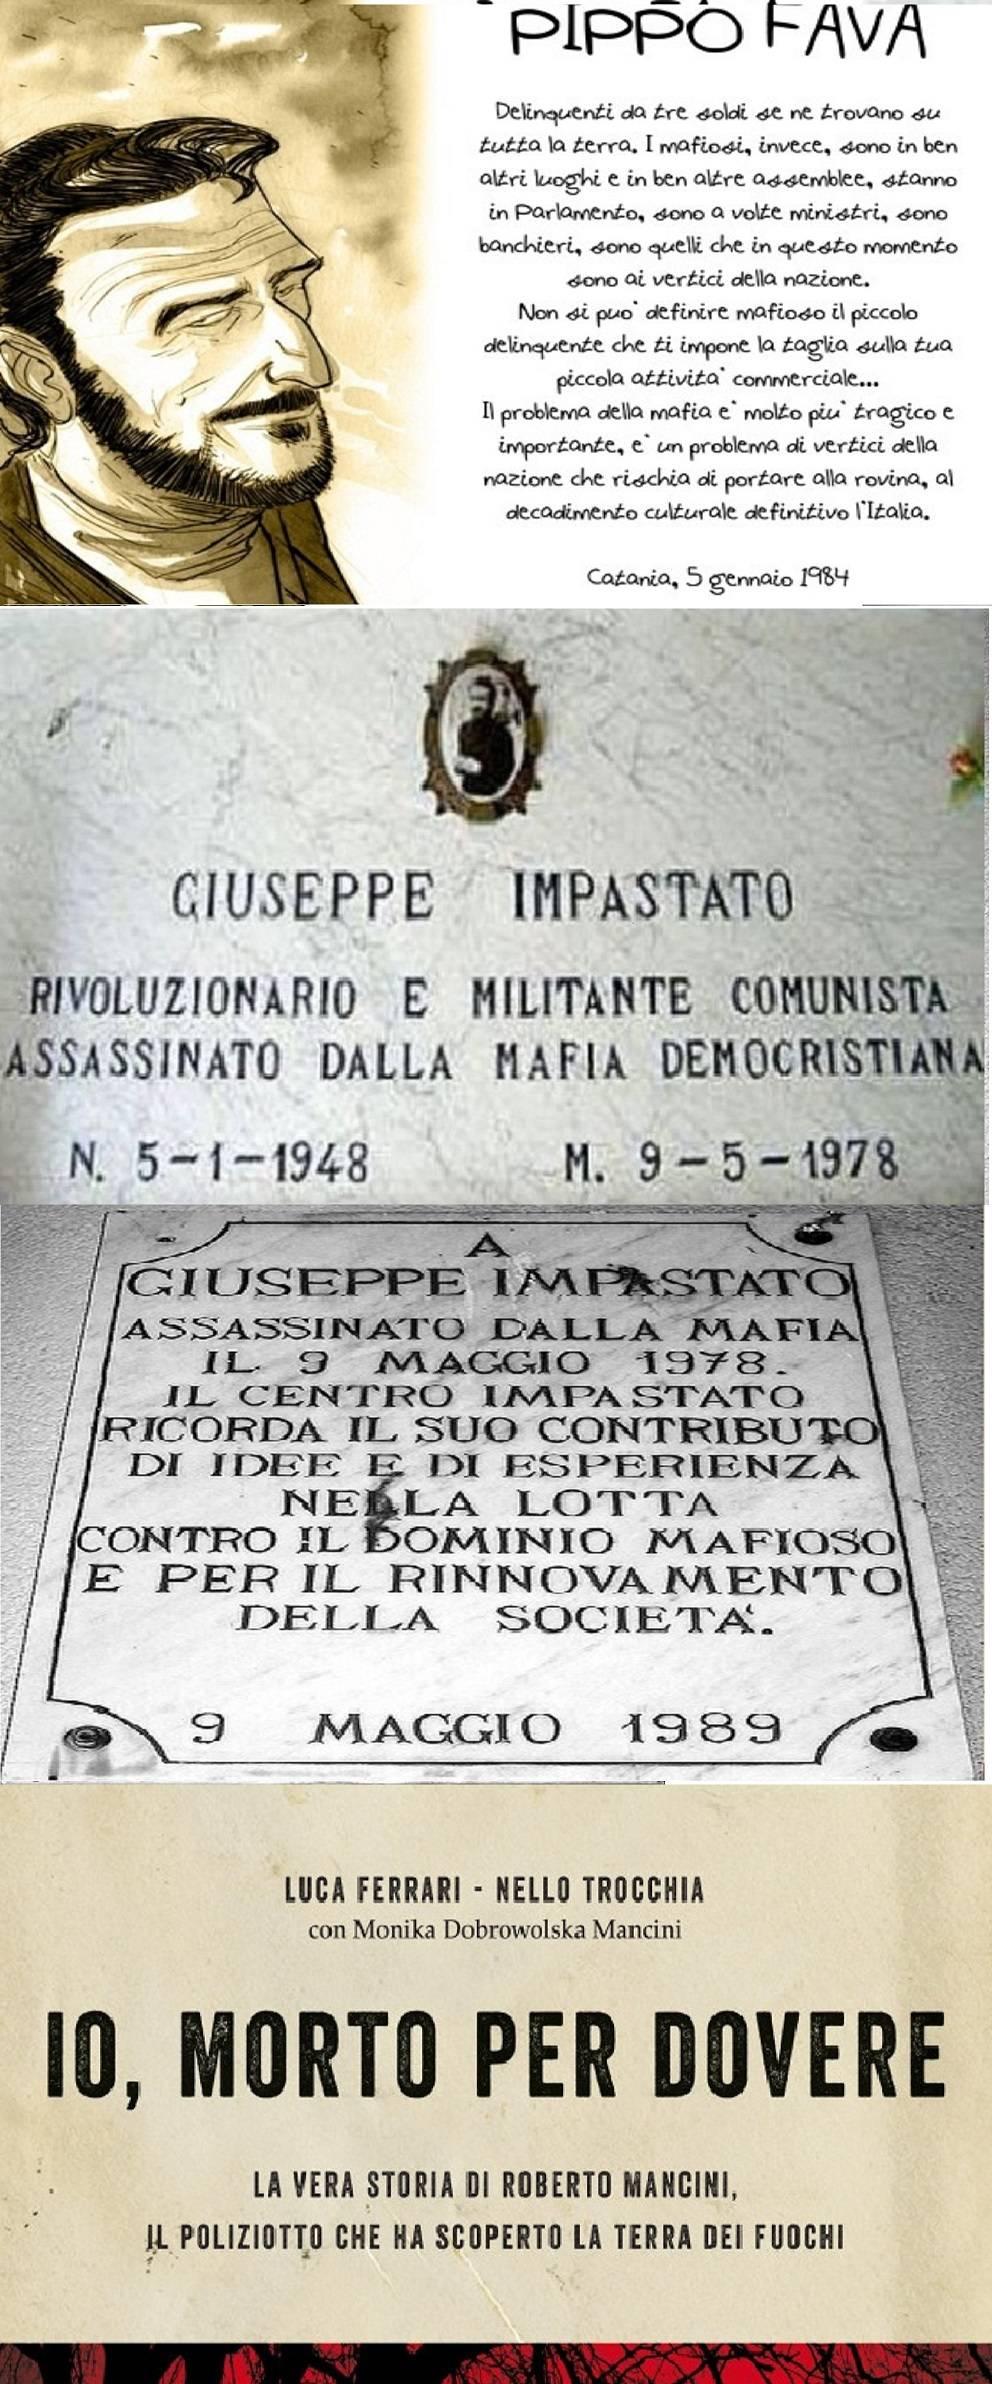 Pippo Fava, Peppino Impastato, Roberto Mancini